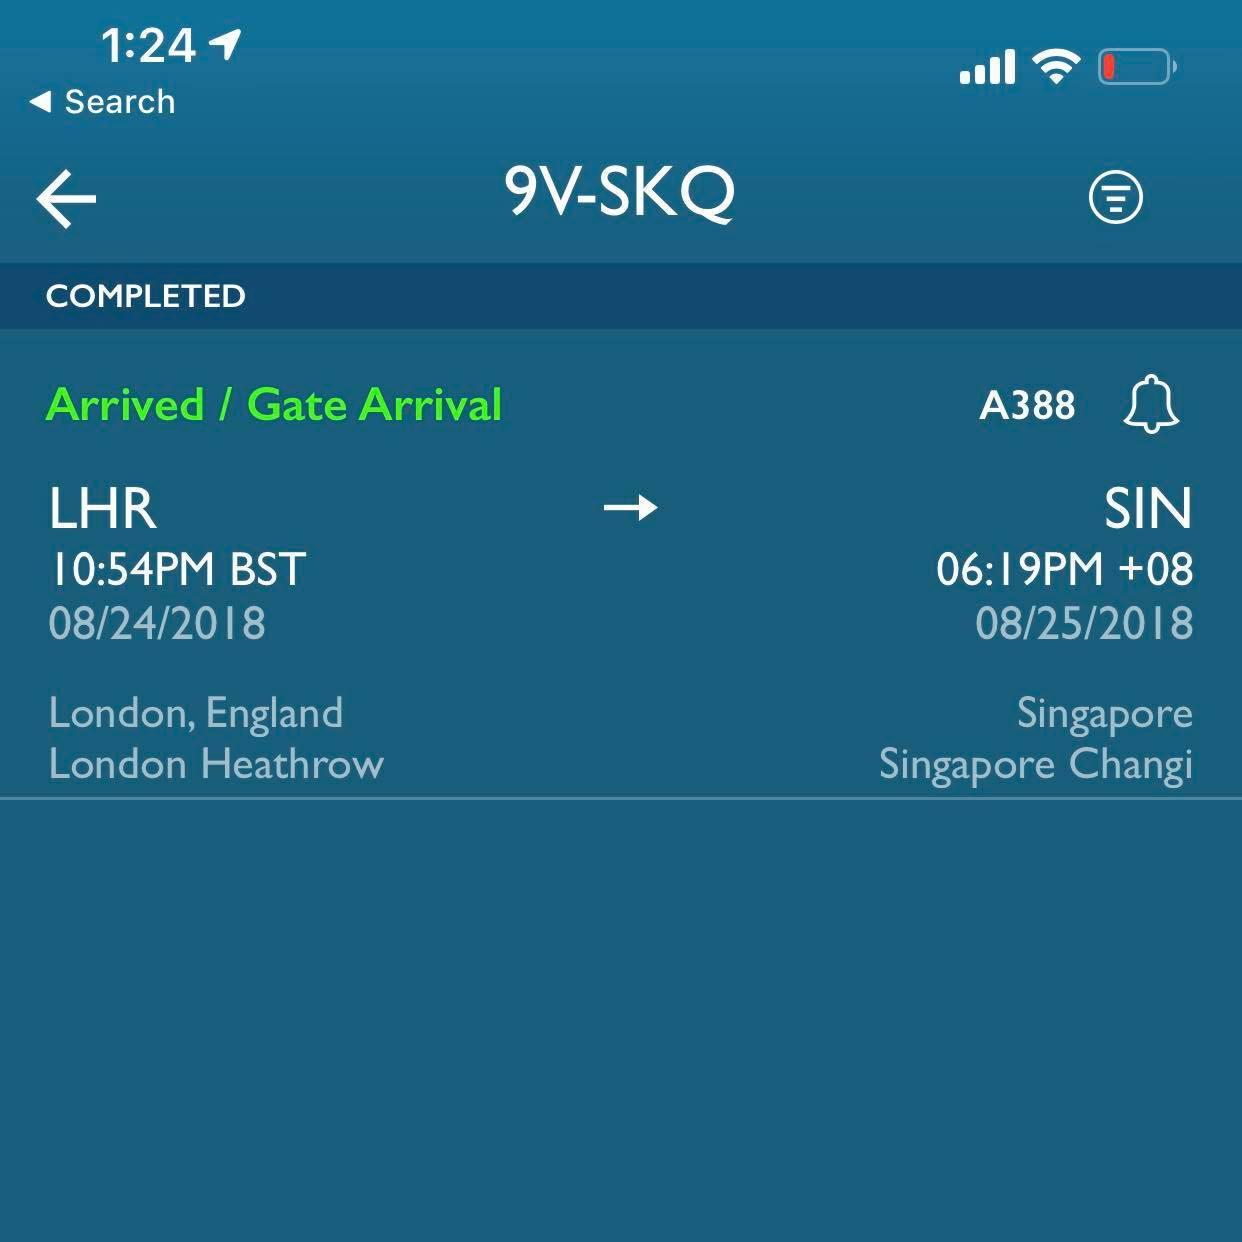 Singapore New Suites Routes... - FlyerTalk Forums